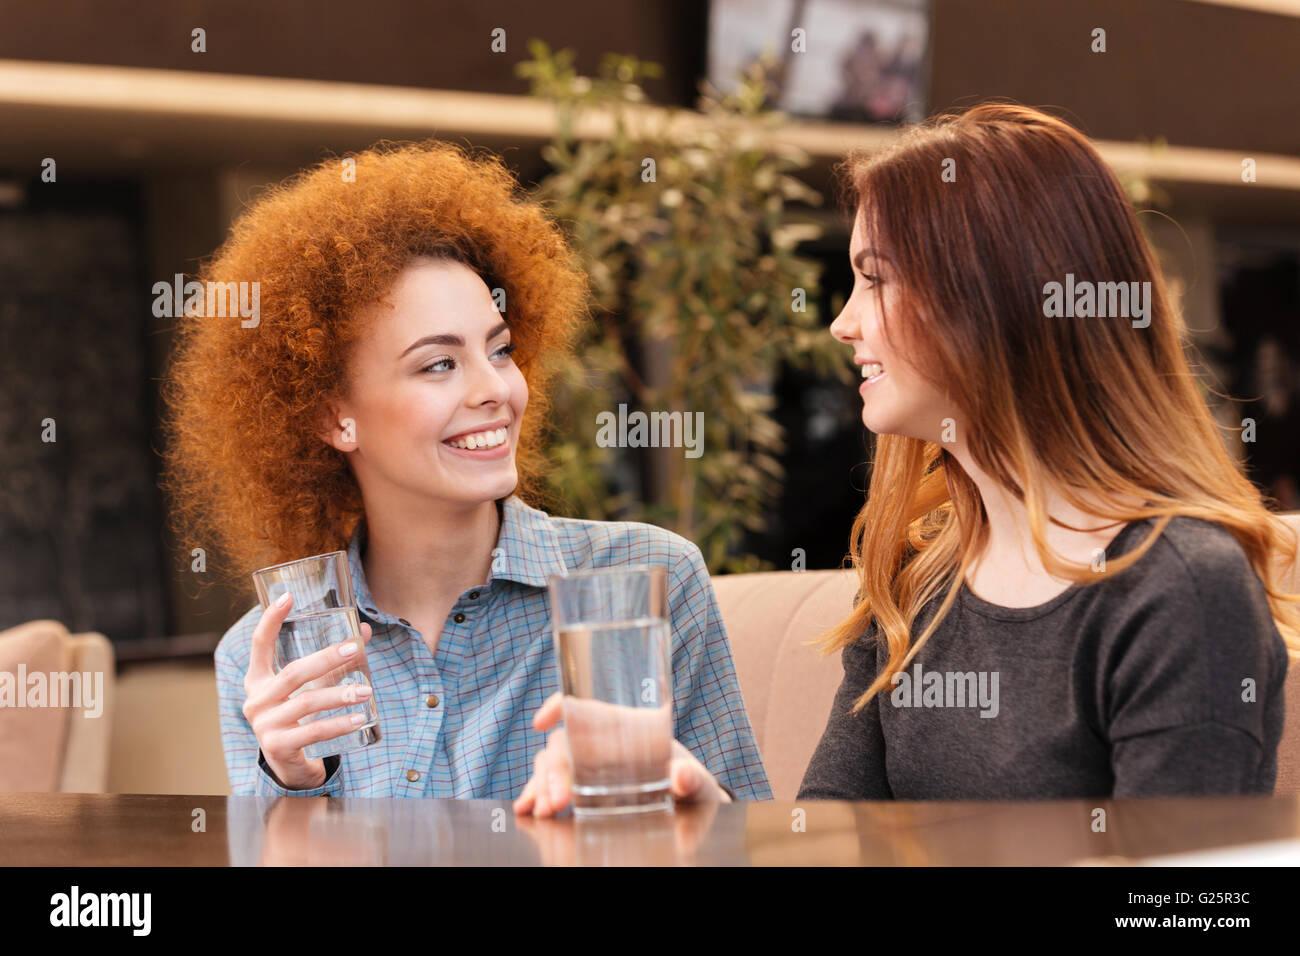 Due lieti attraente giovane donna sorridente e acqua potabile in cafe Immagini Stock